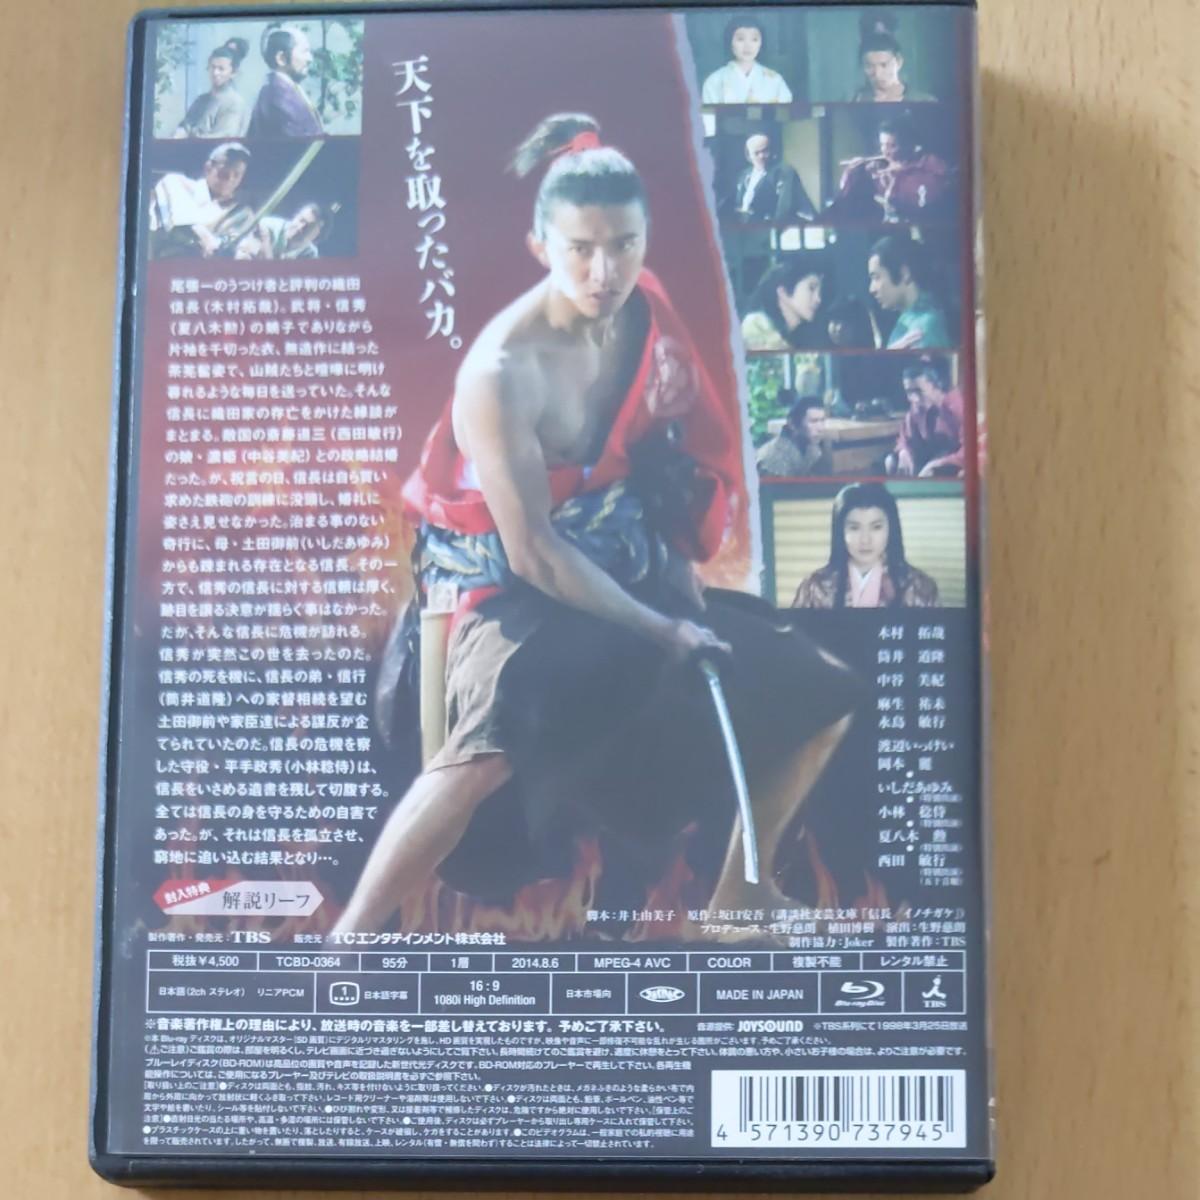 織田信長 【Blu-ray】 Blu-ray 木村拓哉、筒井道隆、中谷美紀、坂口安吾